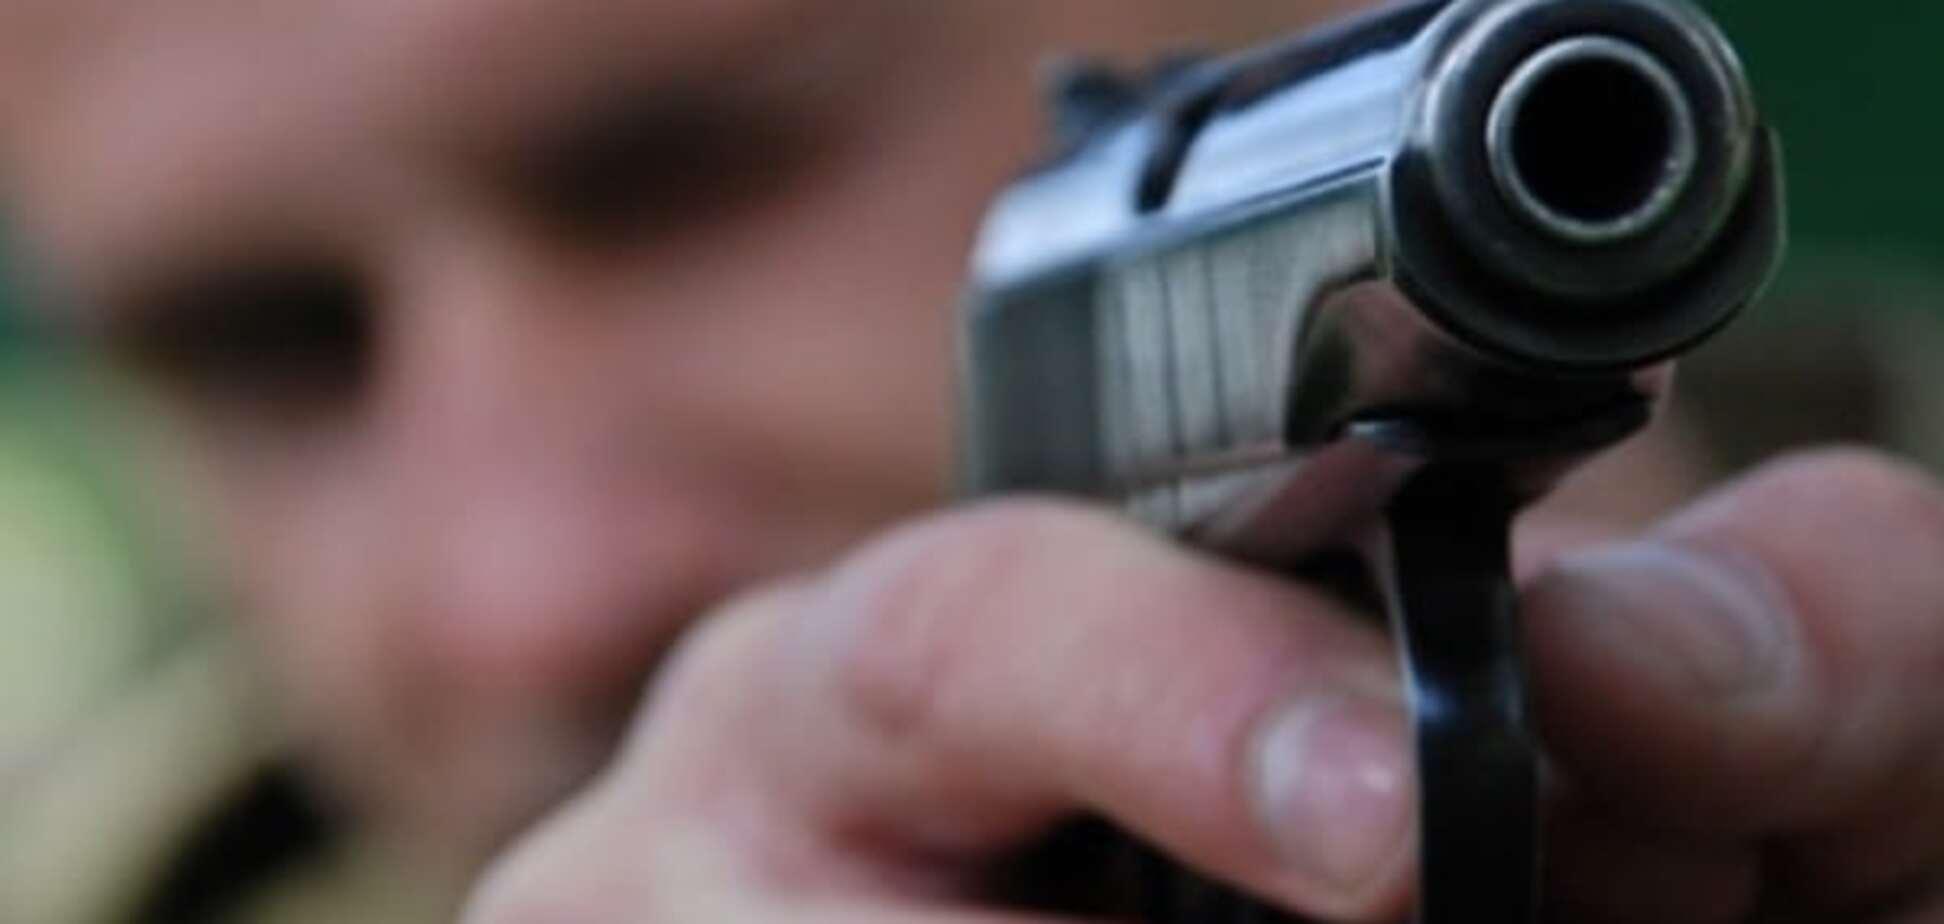 У Донецьку побили російського майора, який влаштував стрілянину в парку - ГУР